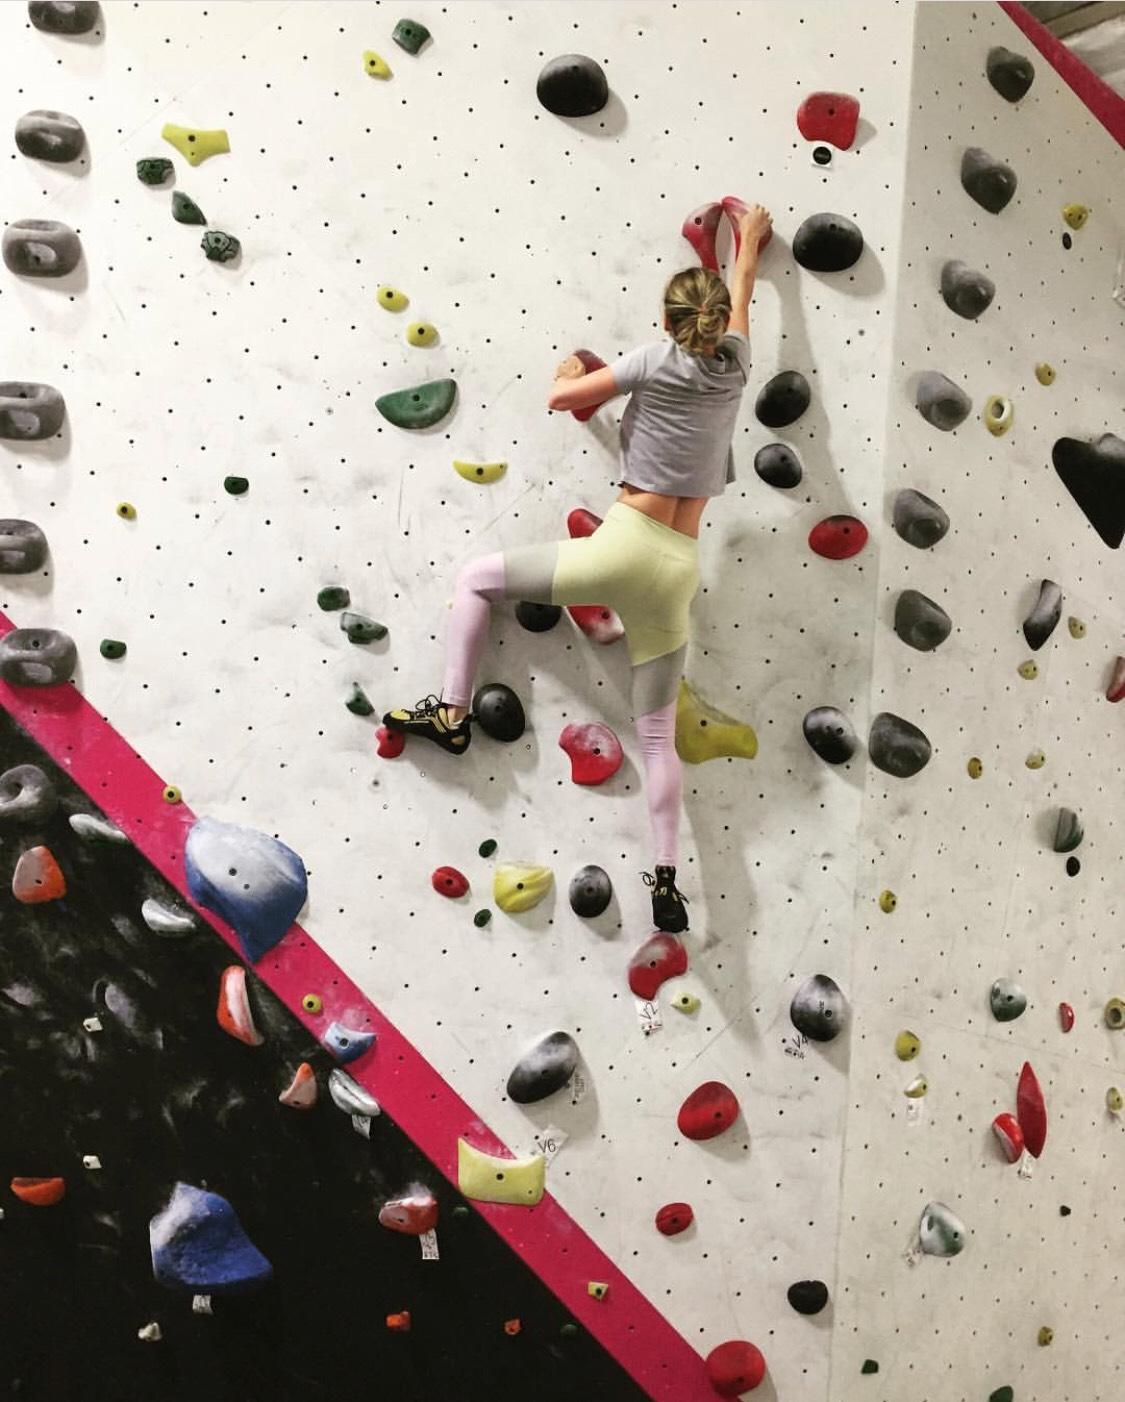 """Ngoài các bài tập được thiết kế riêng cho """"Captain Marvel"""", Brie còn tham gia các môn thể thao khác như leo núi trong nhà, boxing, judo..."""